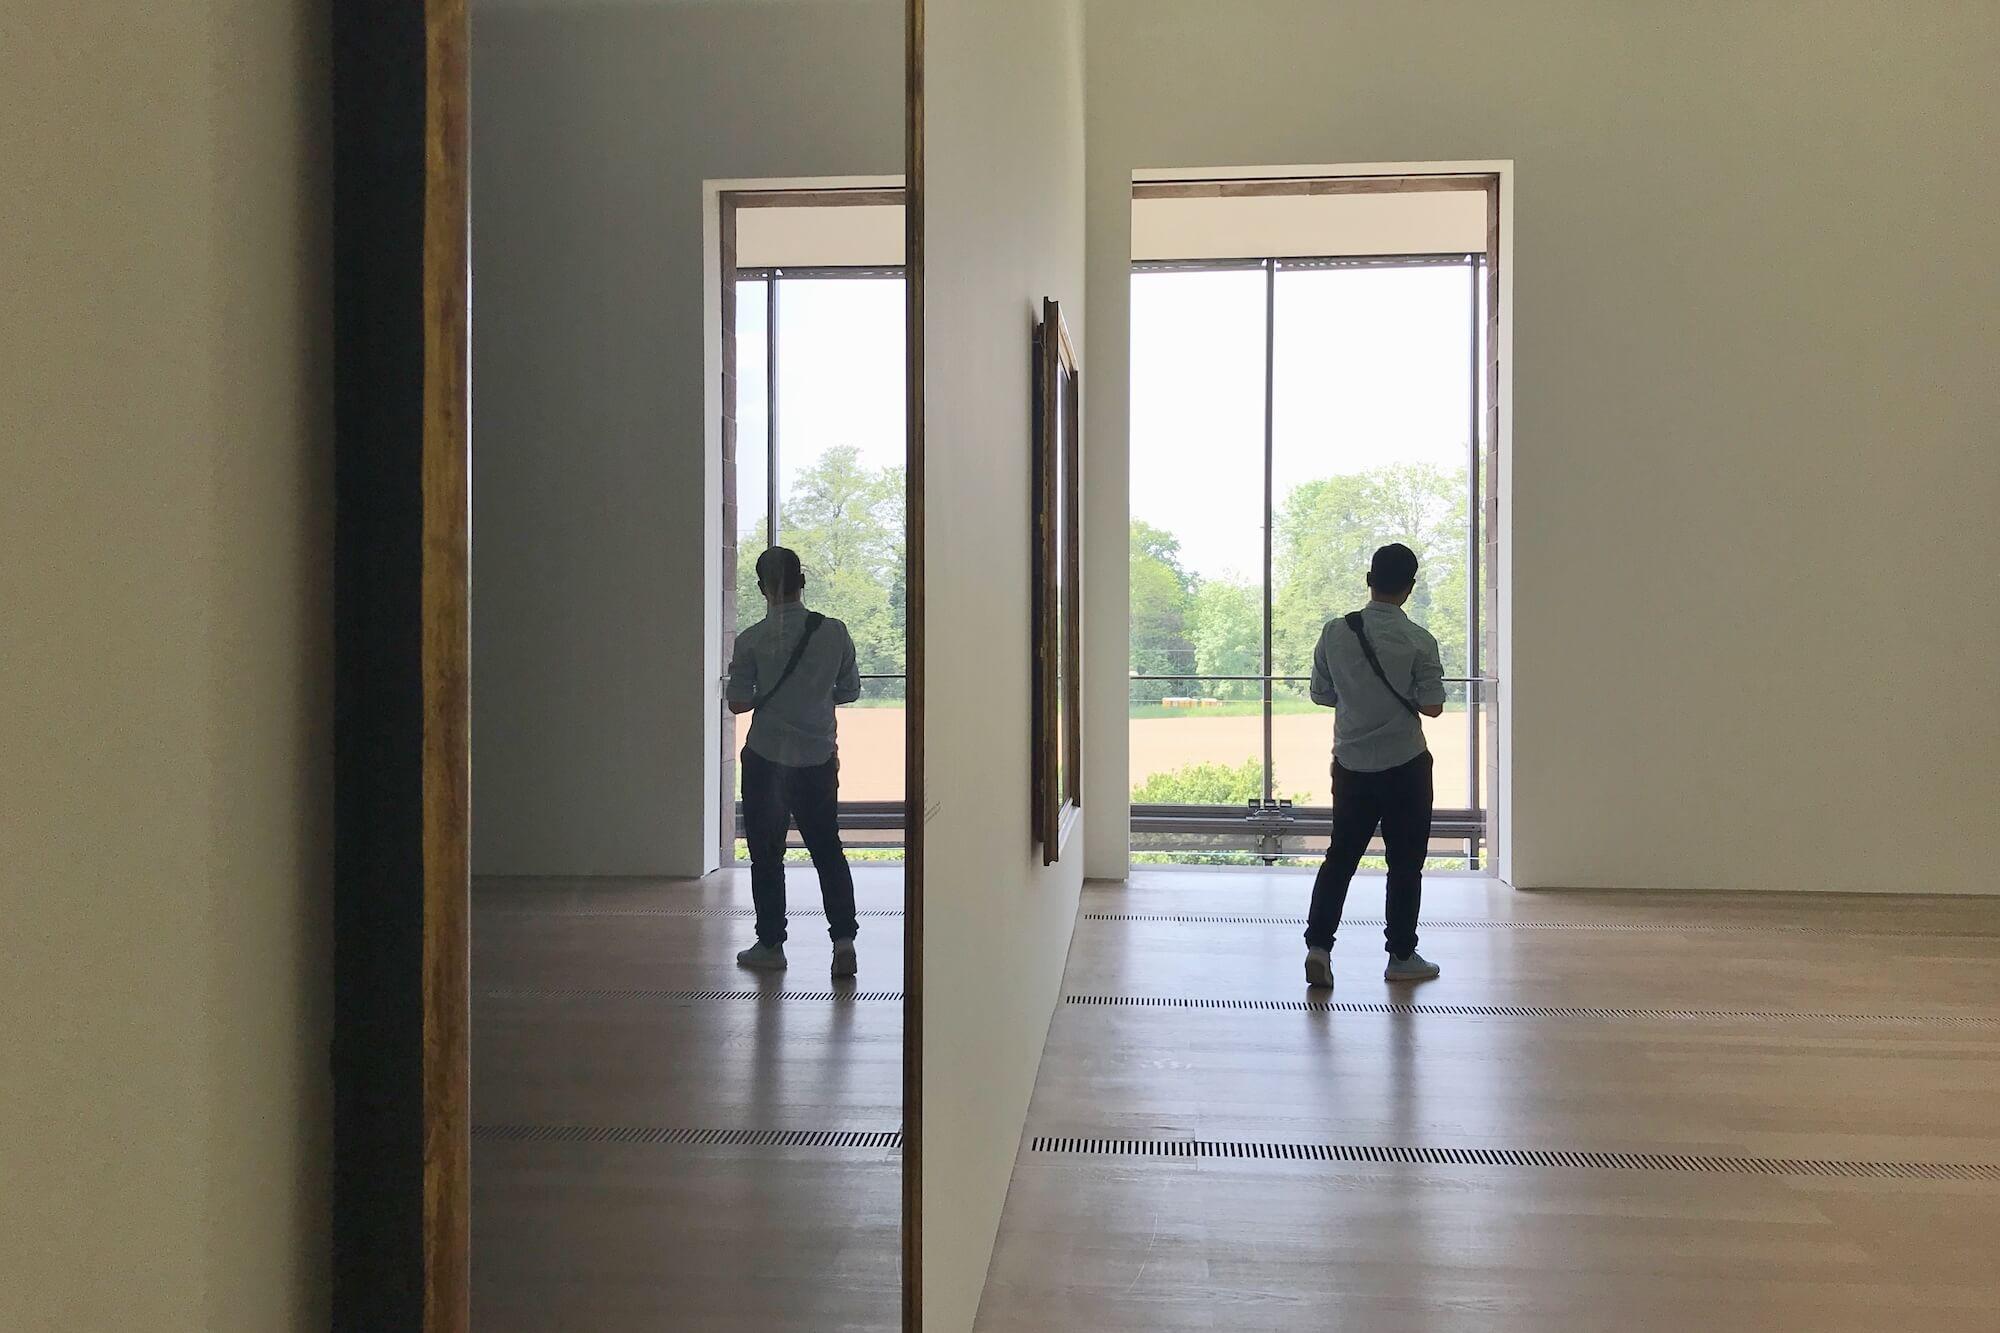 Die Fondation Beyeler widmet dem Künstler Georg Baselitz anlässlich seines 80. Geburtstags eine umfassende Retrospektive.